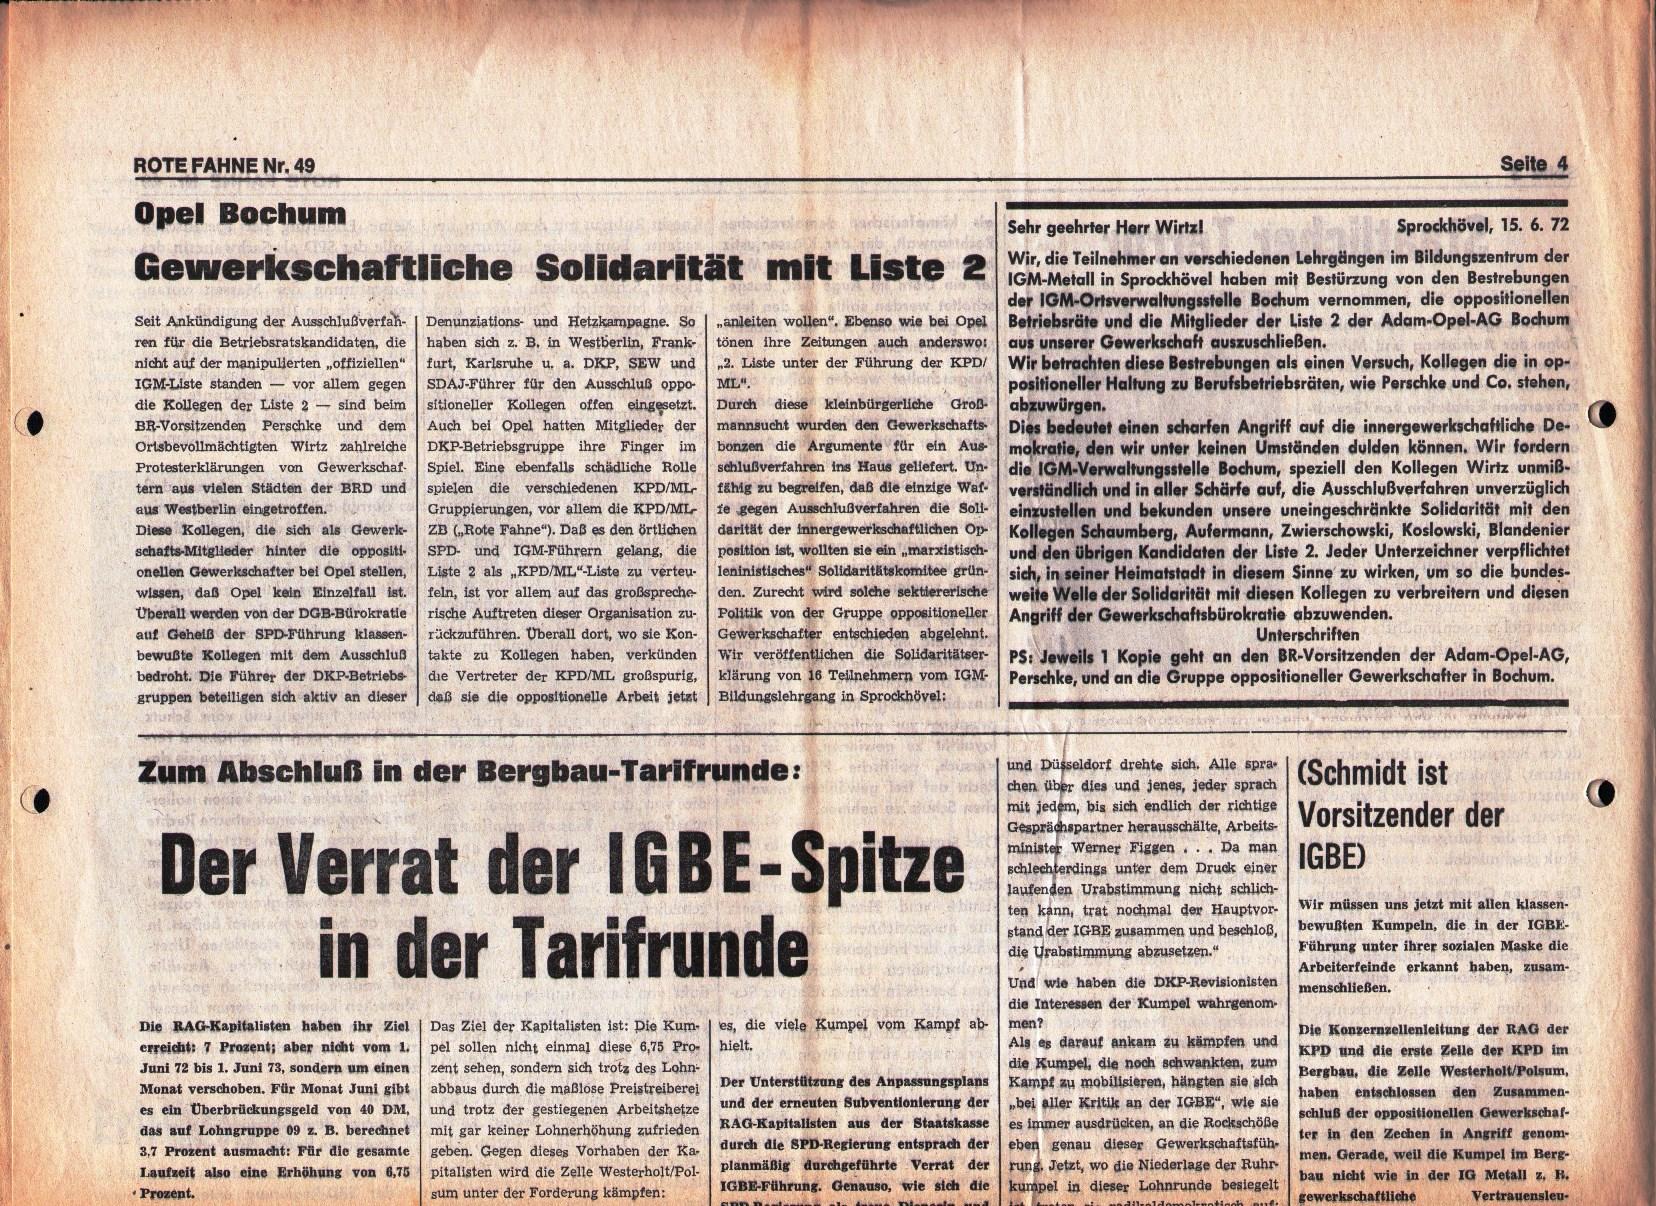 KPD_Rote_Fahne_1972_49_07